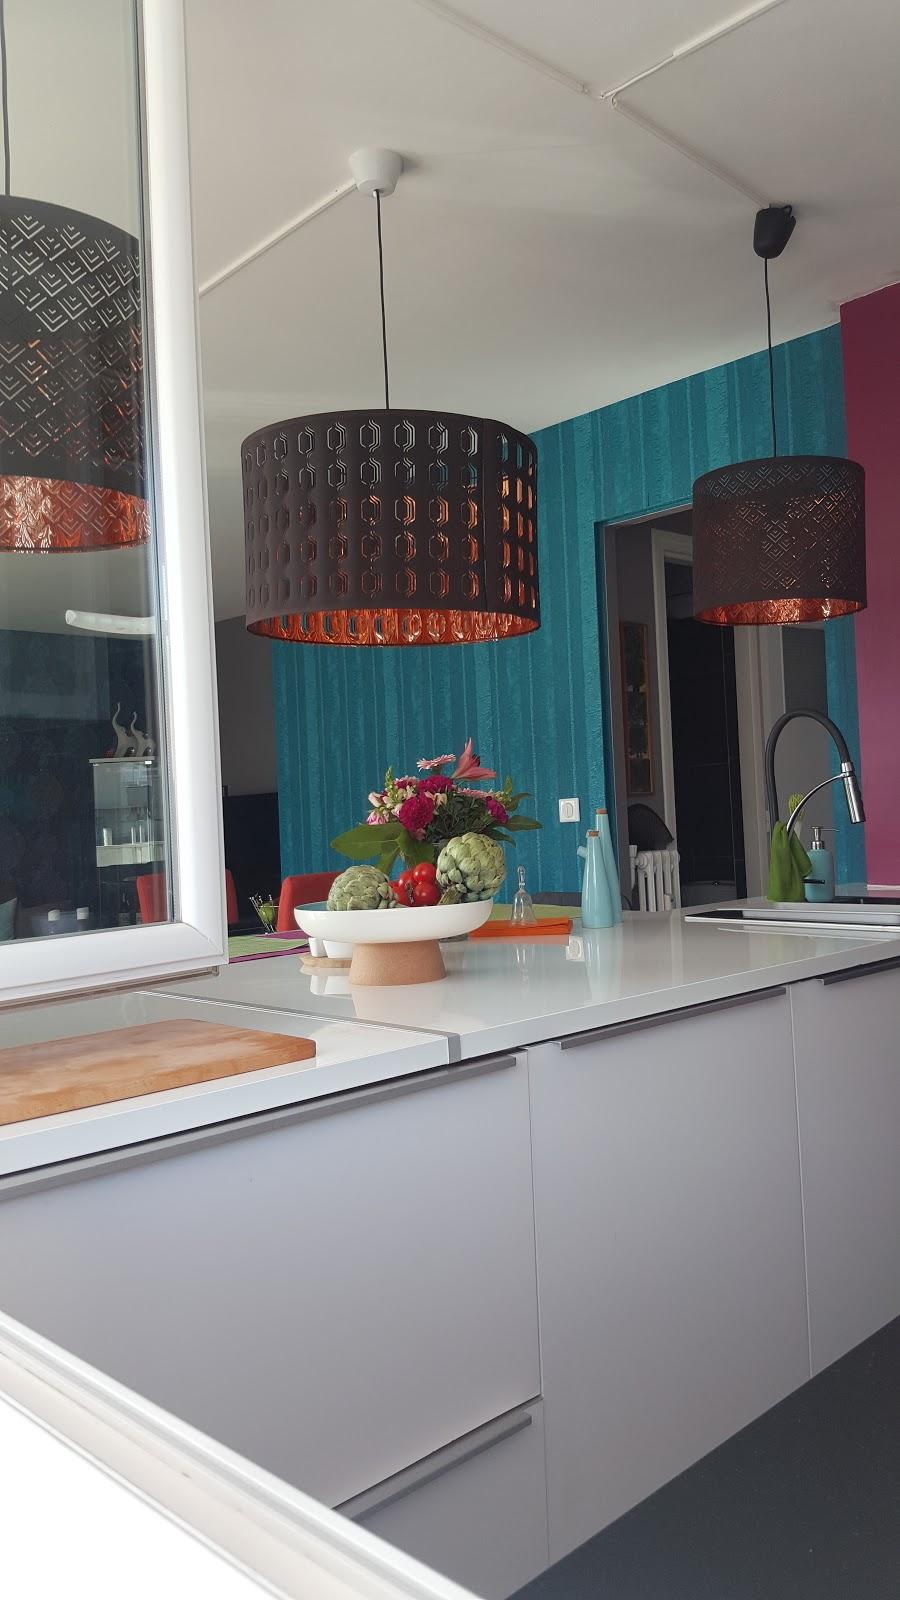 v r stad b ziers v rt sista bes k p ikea i montpellier. Black Bedroom Furniture Sets. Home Design Ideas